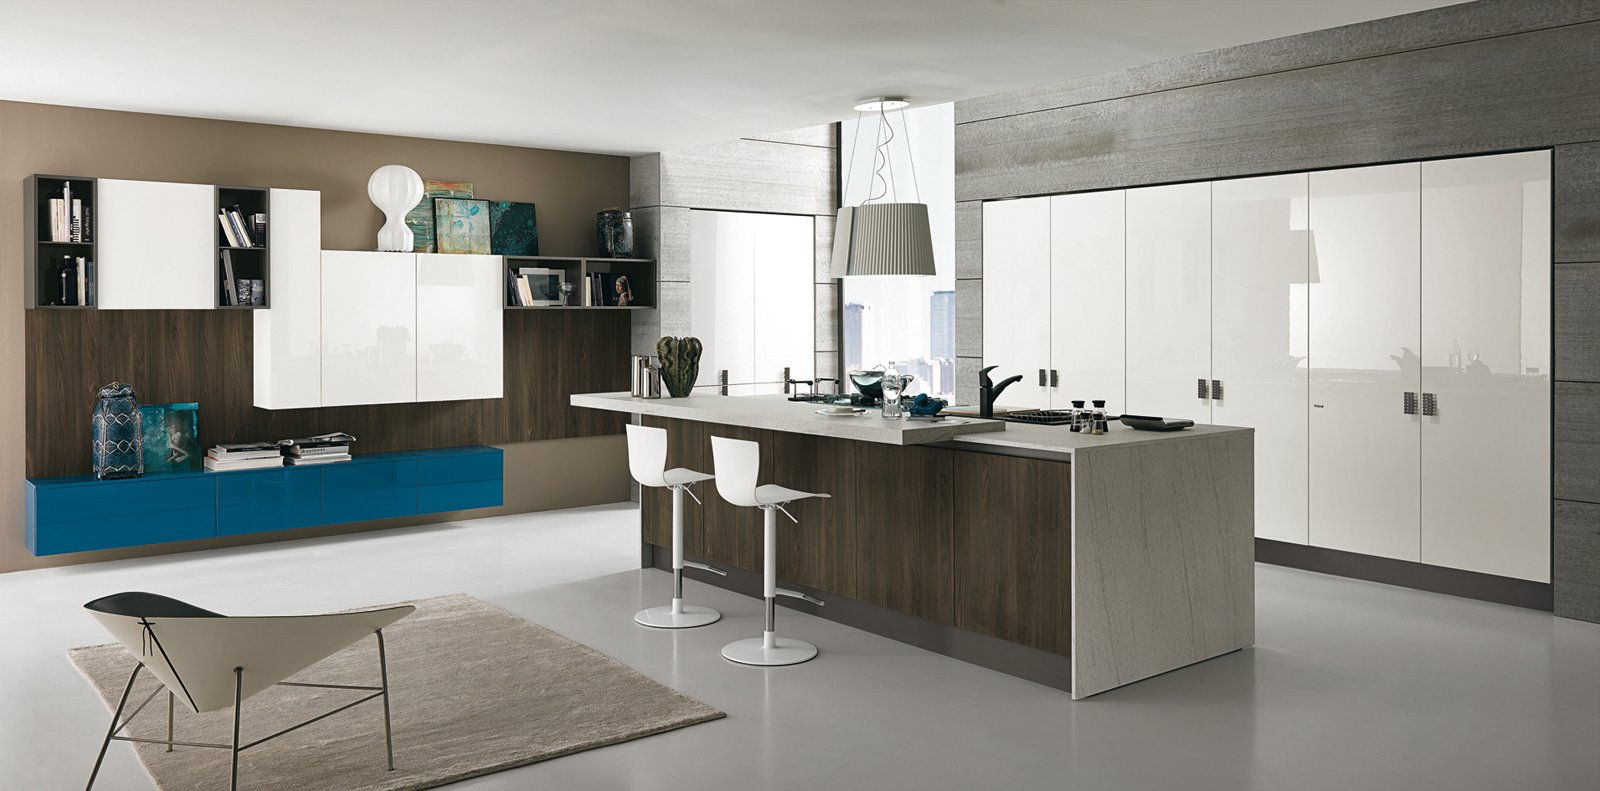 Per Creare Un'armoniosa Unione Con L'ambiente Living. Il Legno Con  #024C6A 1600 791 Cucine Piccole Dimensioni Con Isola